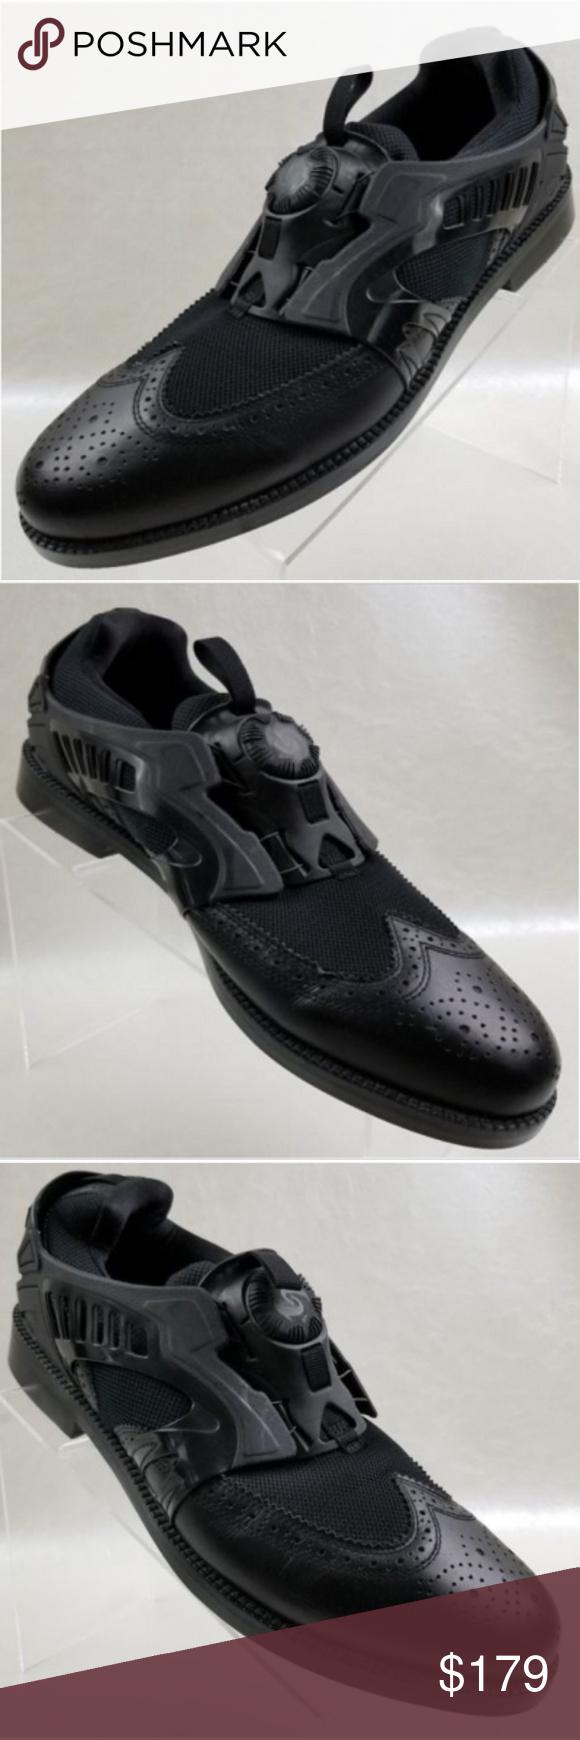 online retailer 40c16 ce9f4 Puma Mihara Yasuhiro MY-72 Hybrid Shoes Size 12 These Puma Mihara Yasuhiro  MY-